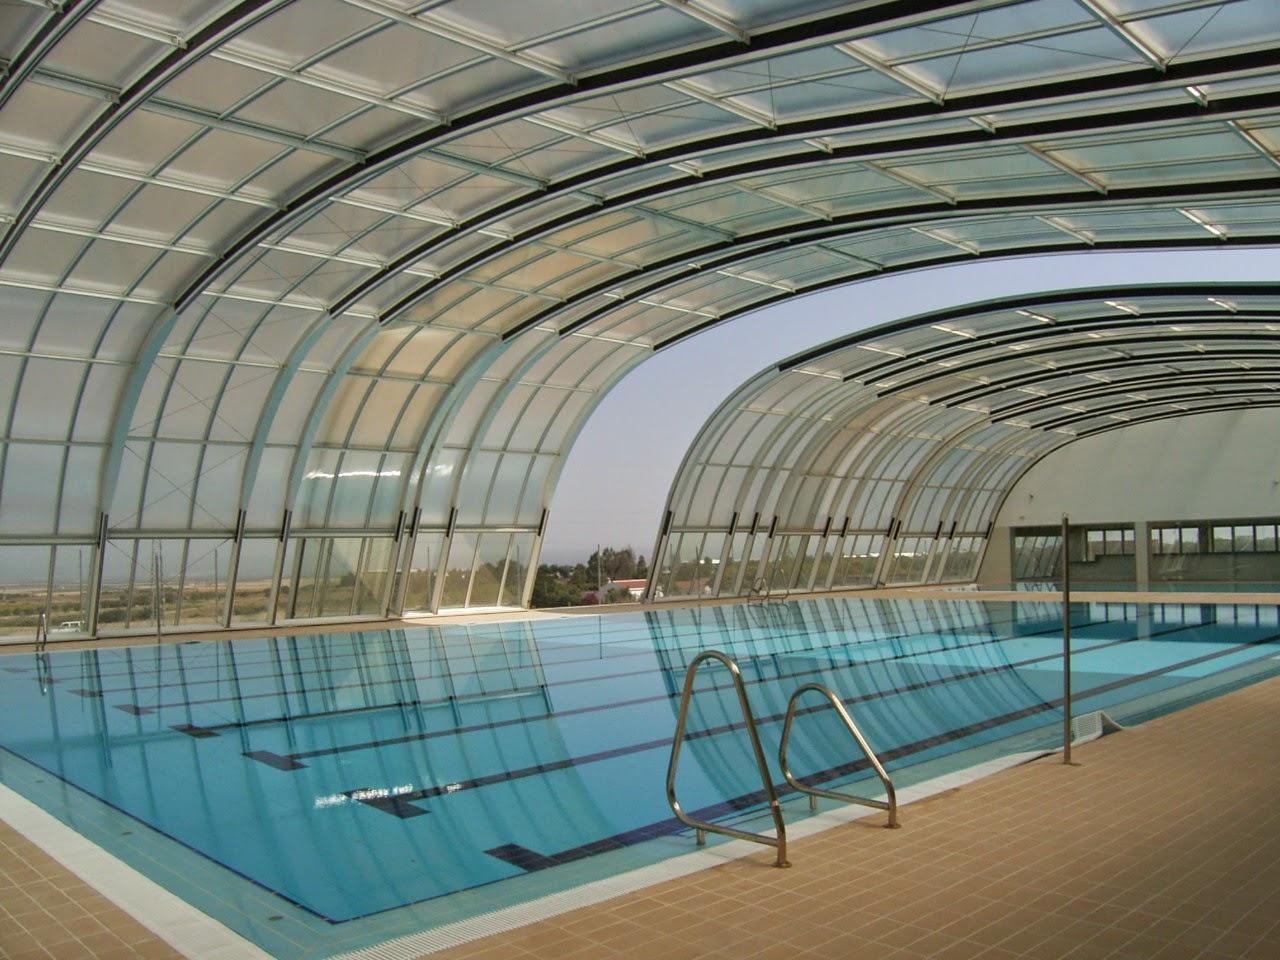 La gaceta de carmona la empresa que gestiona la piscina for Piscina municipal avila